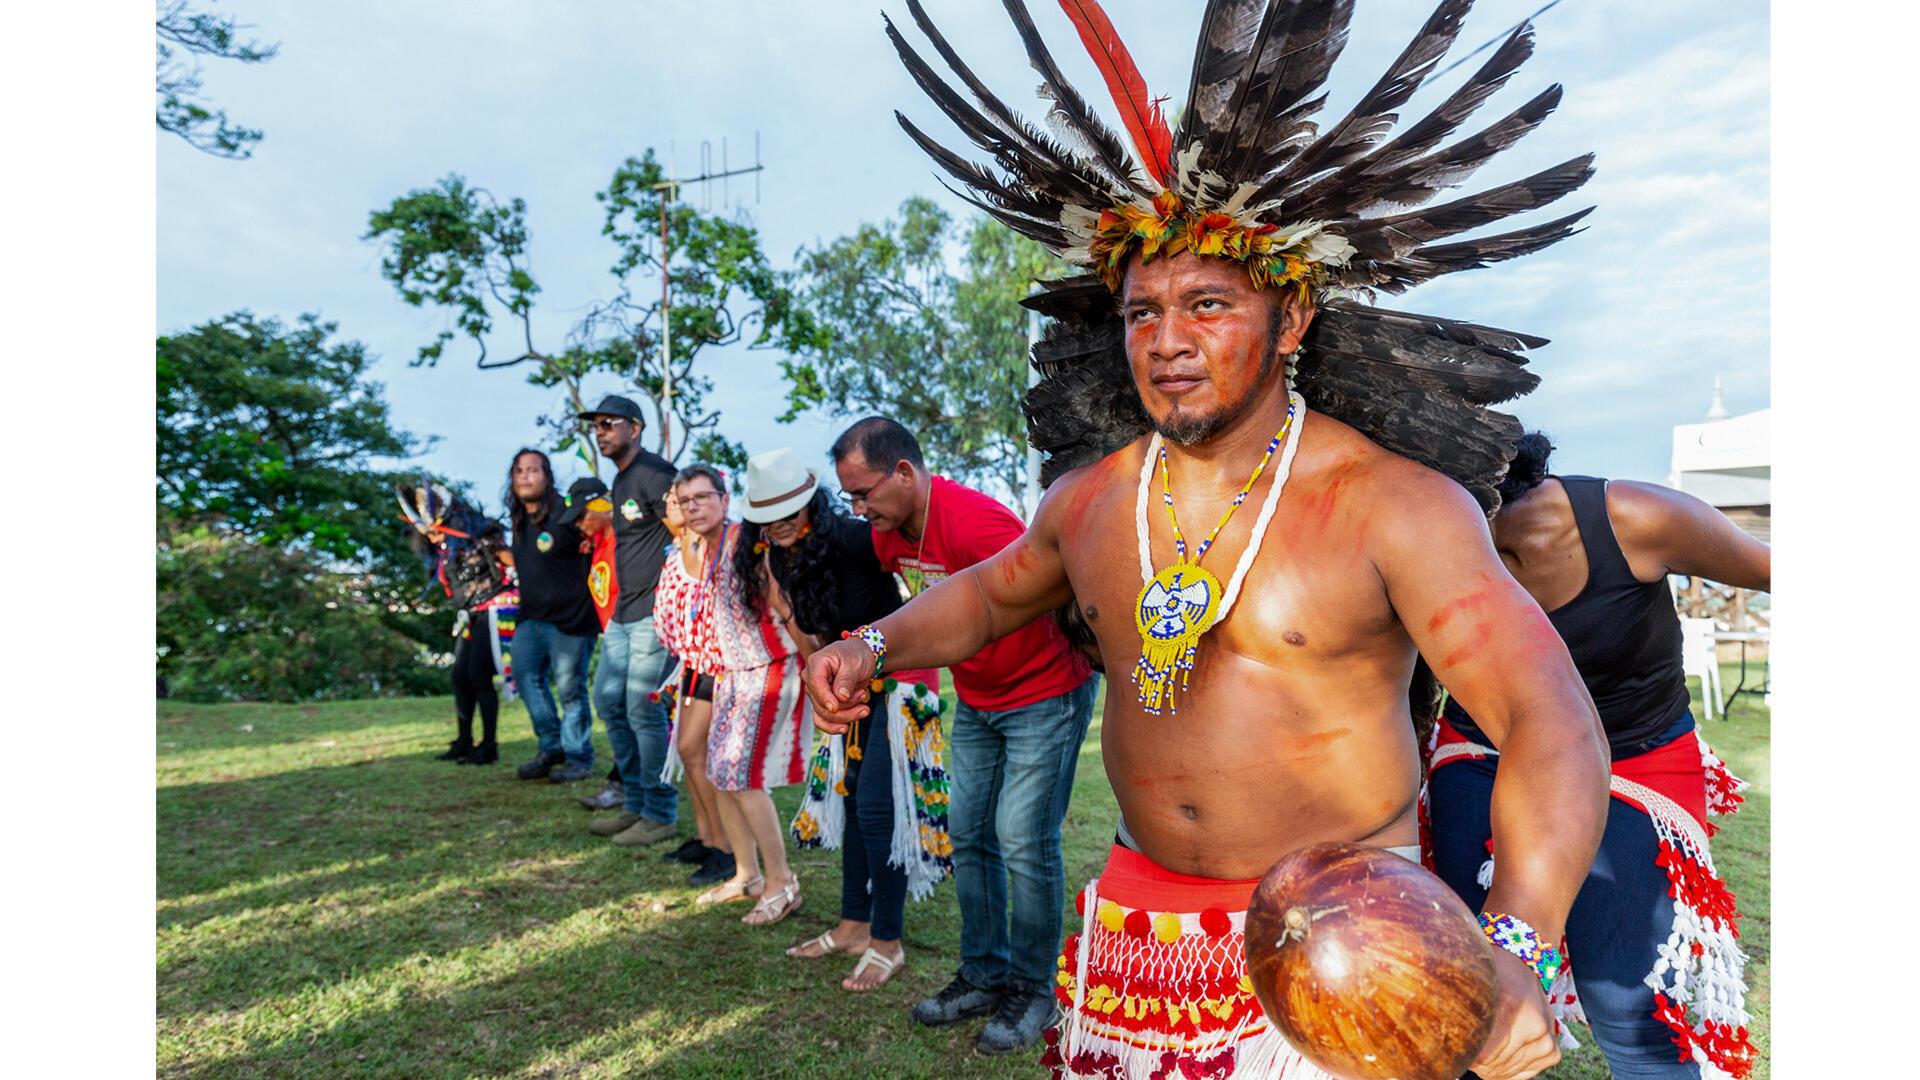 Des personnes participent à une danse traditionnelle, à l'occasion de la Journée internationale des Peuples indigènes de Guyane, le 9 août 2018, à Cayenne.